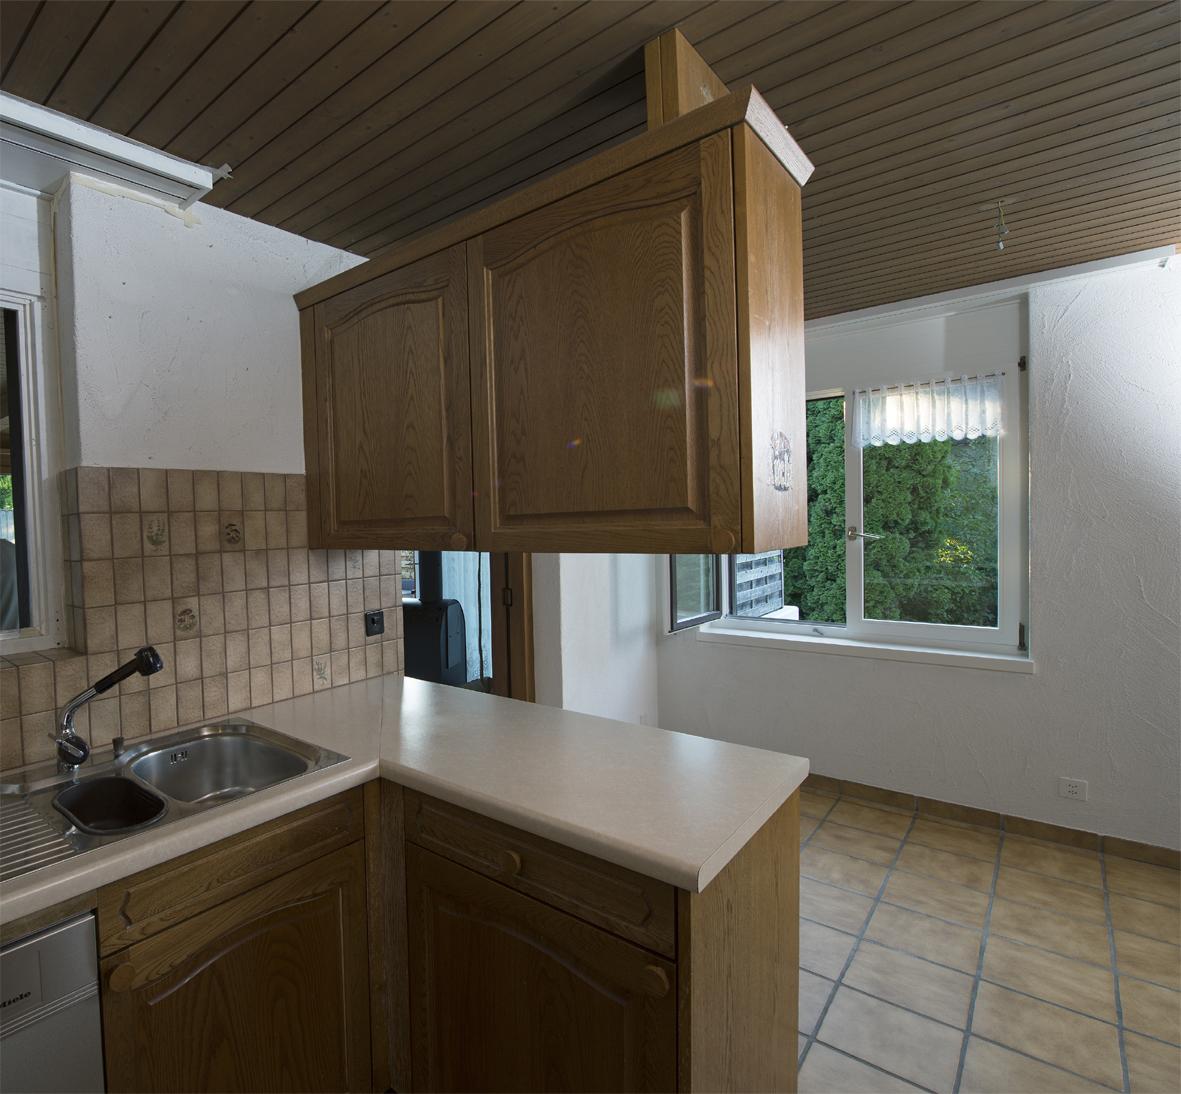 Ziemlich Küche Umbau Unternehmen Fotos - Küchenschrank Ideen ...